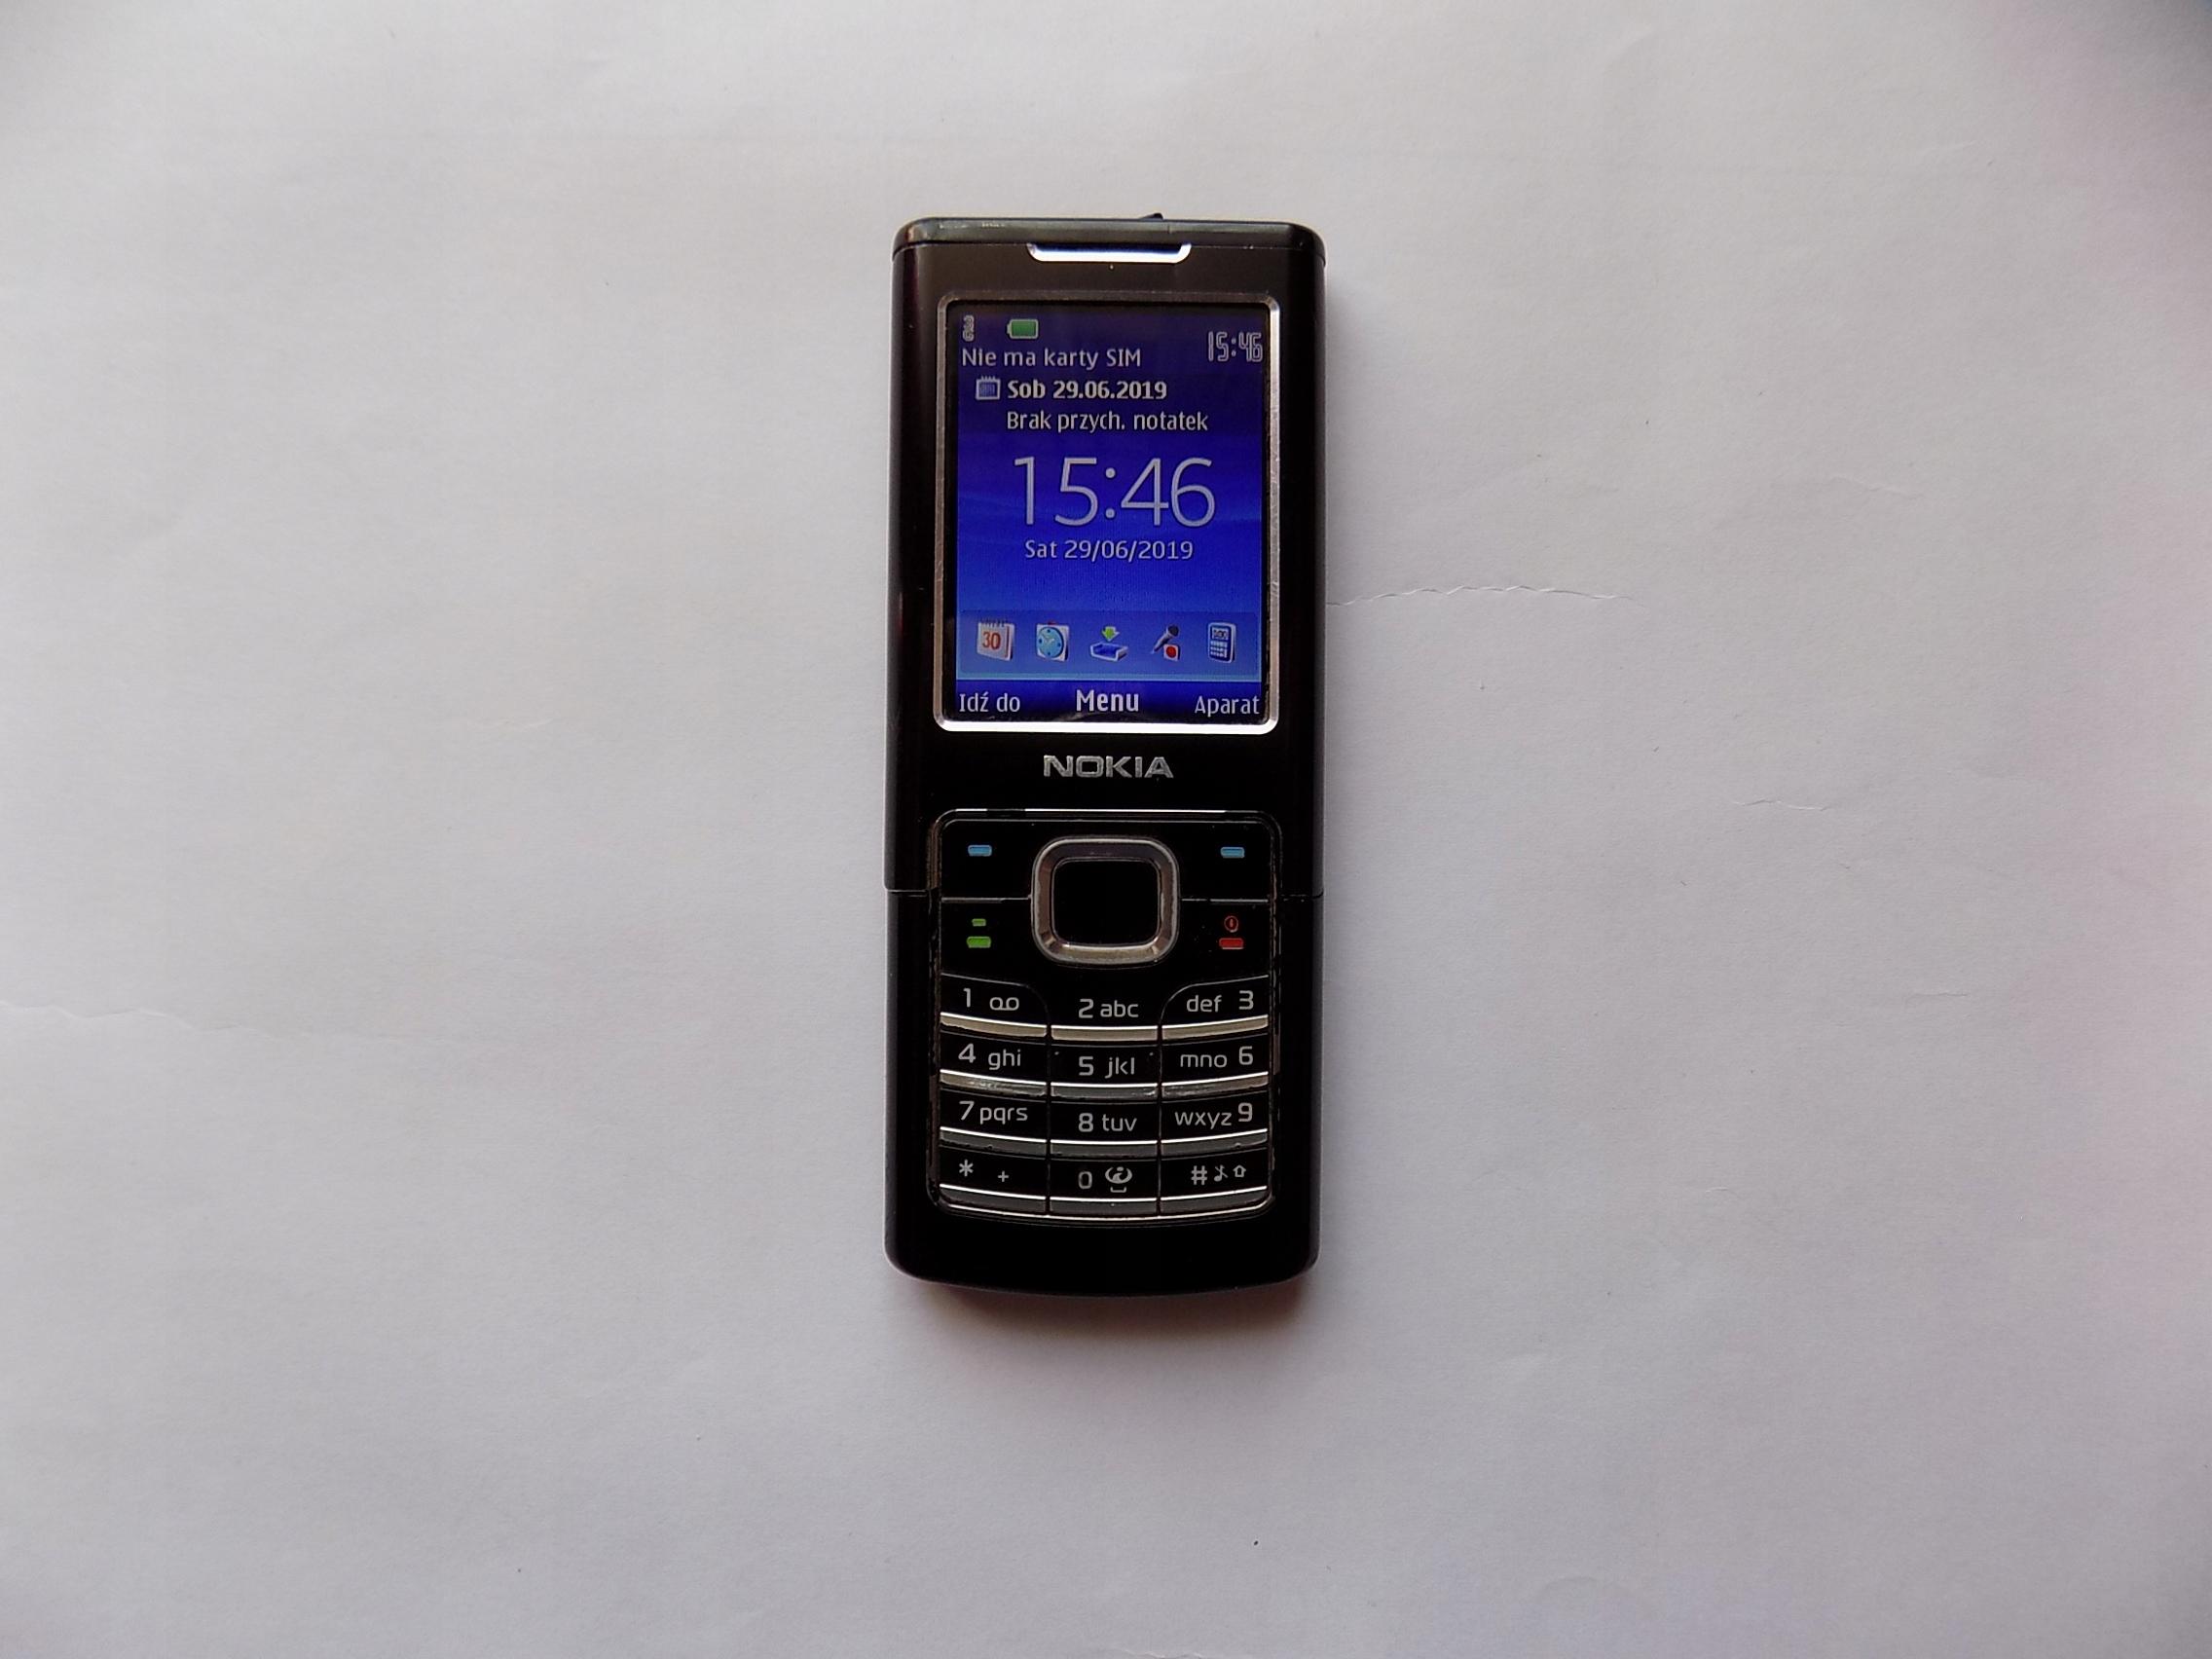 Nokia 6500c (classic) RM-265 bez SIM locka, polski